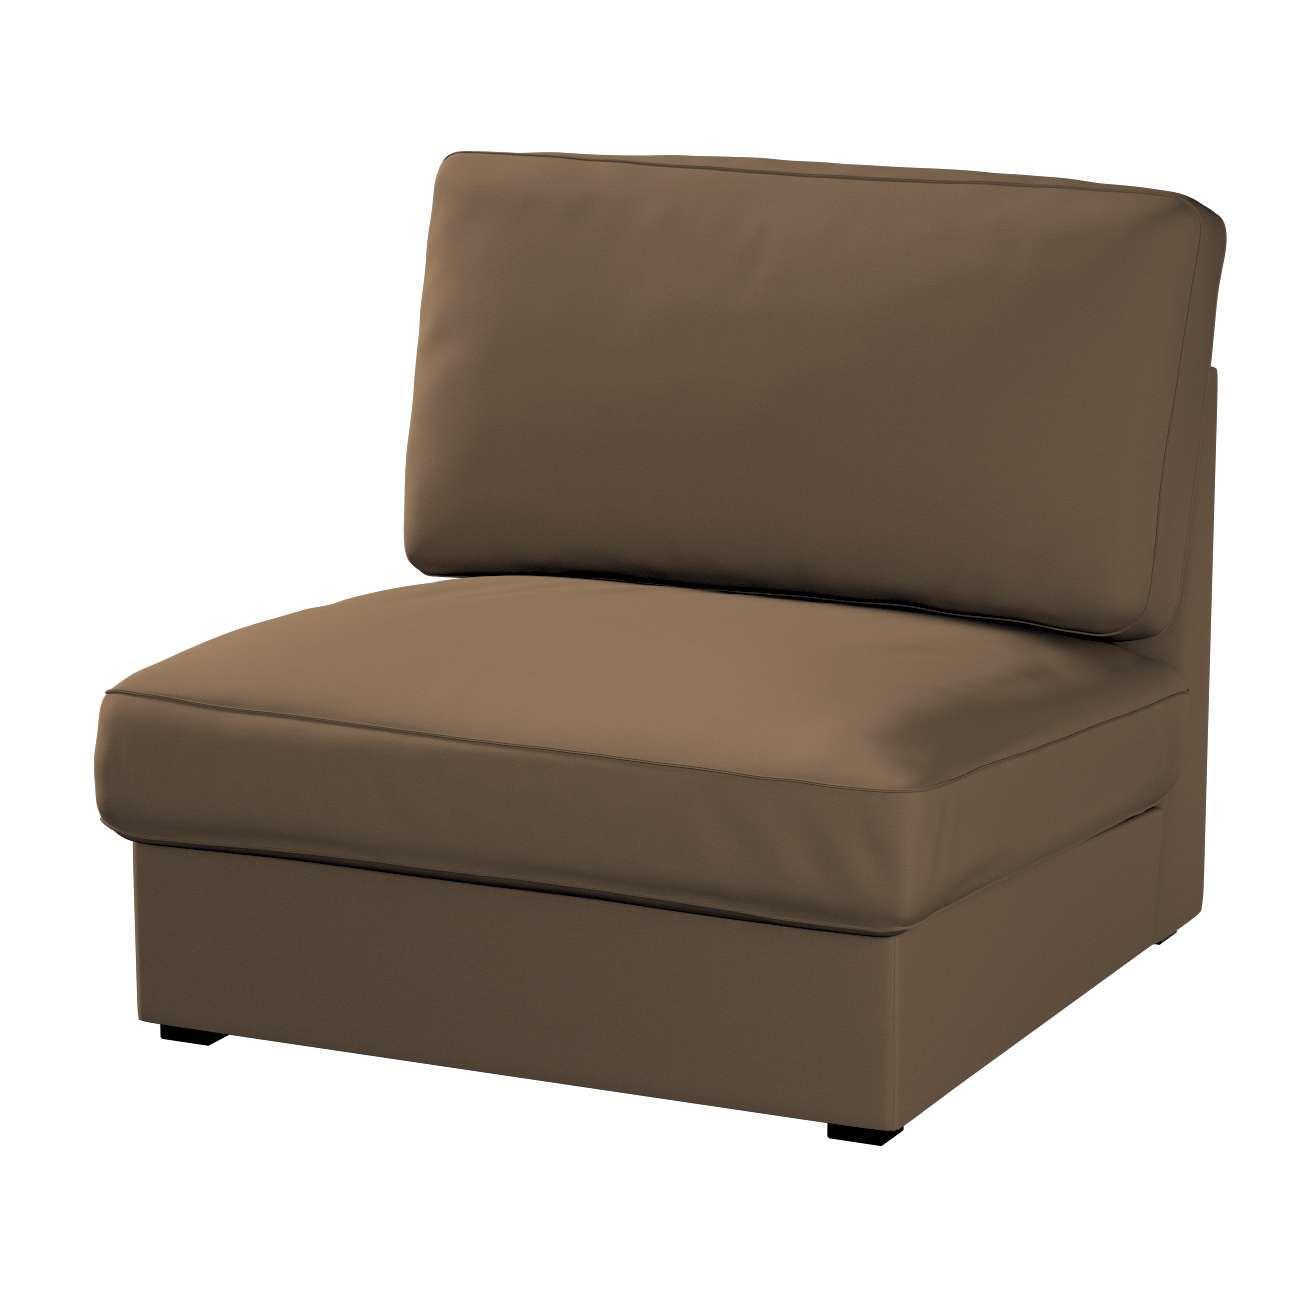 KIVIK fotelio/vienvietės dalies užvalkalas Kivik armchair kolekcijoje Cotton Panama, audinys: 702-02